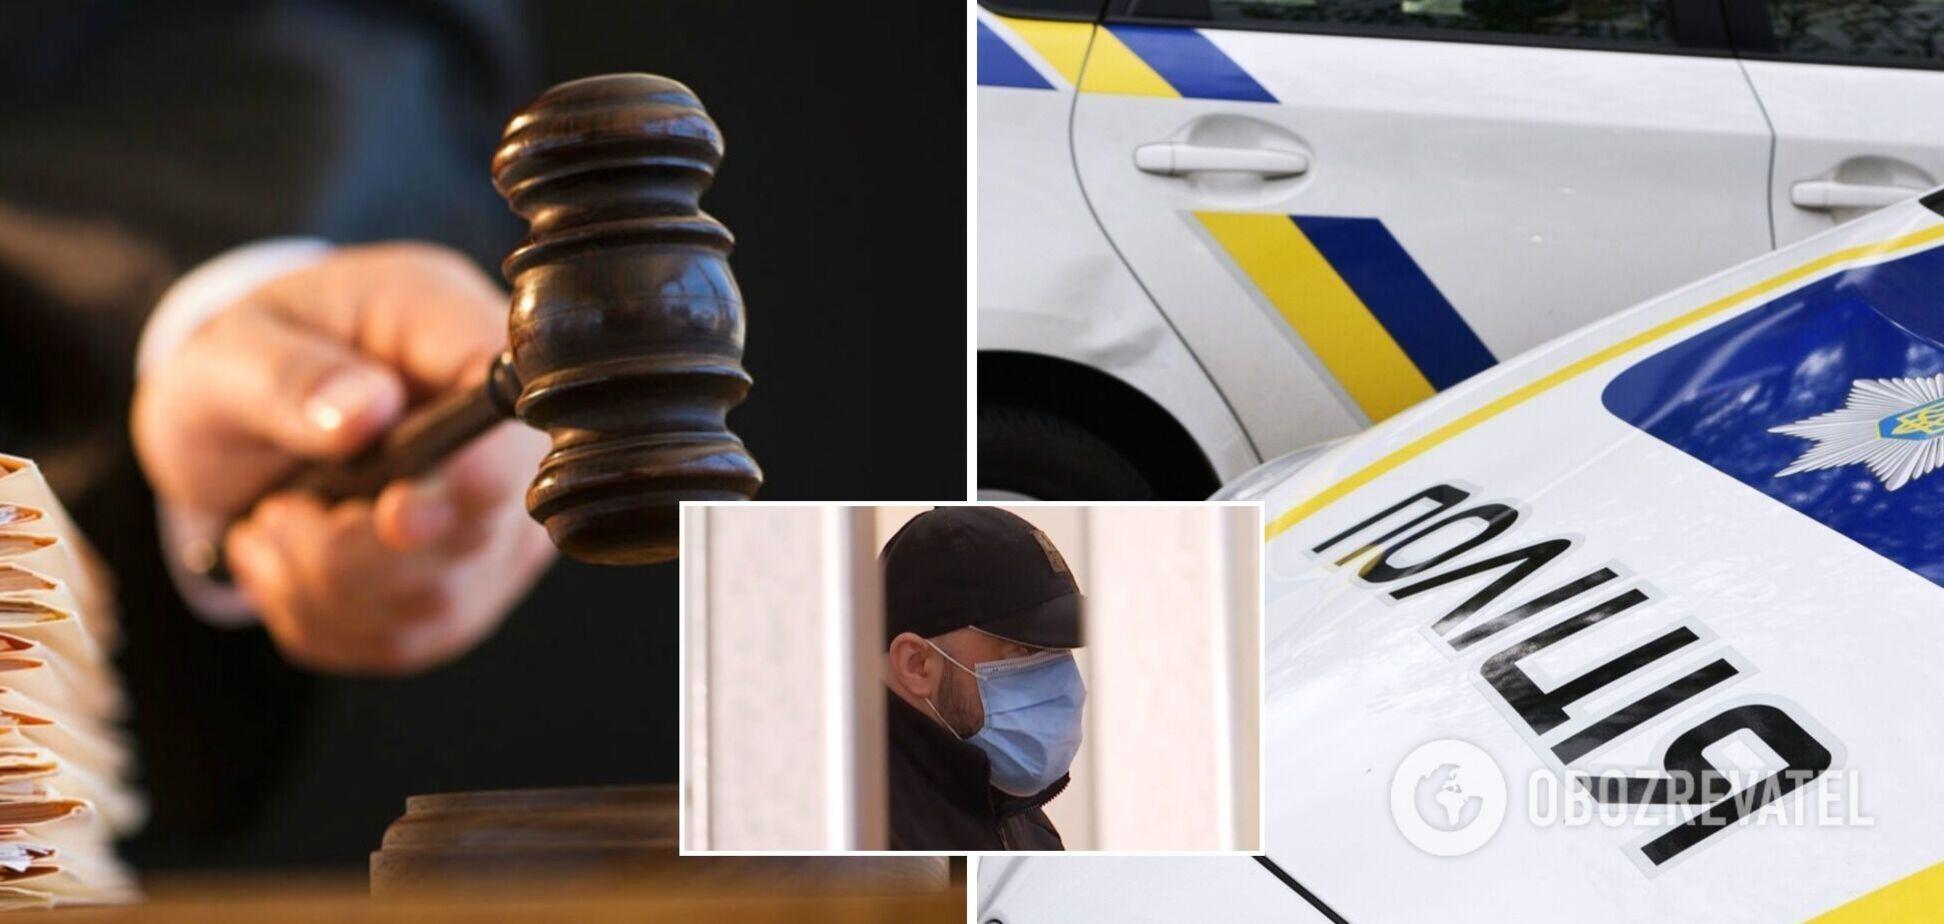 На Львовщине суд назначил условное наказание мужчине, стрелявшему в полицейских, разгорелся скандал. Видео